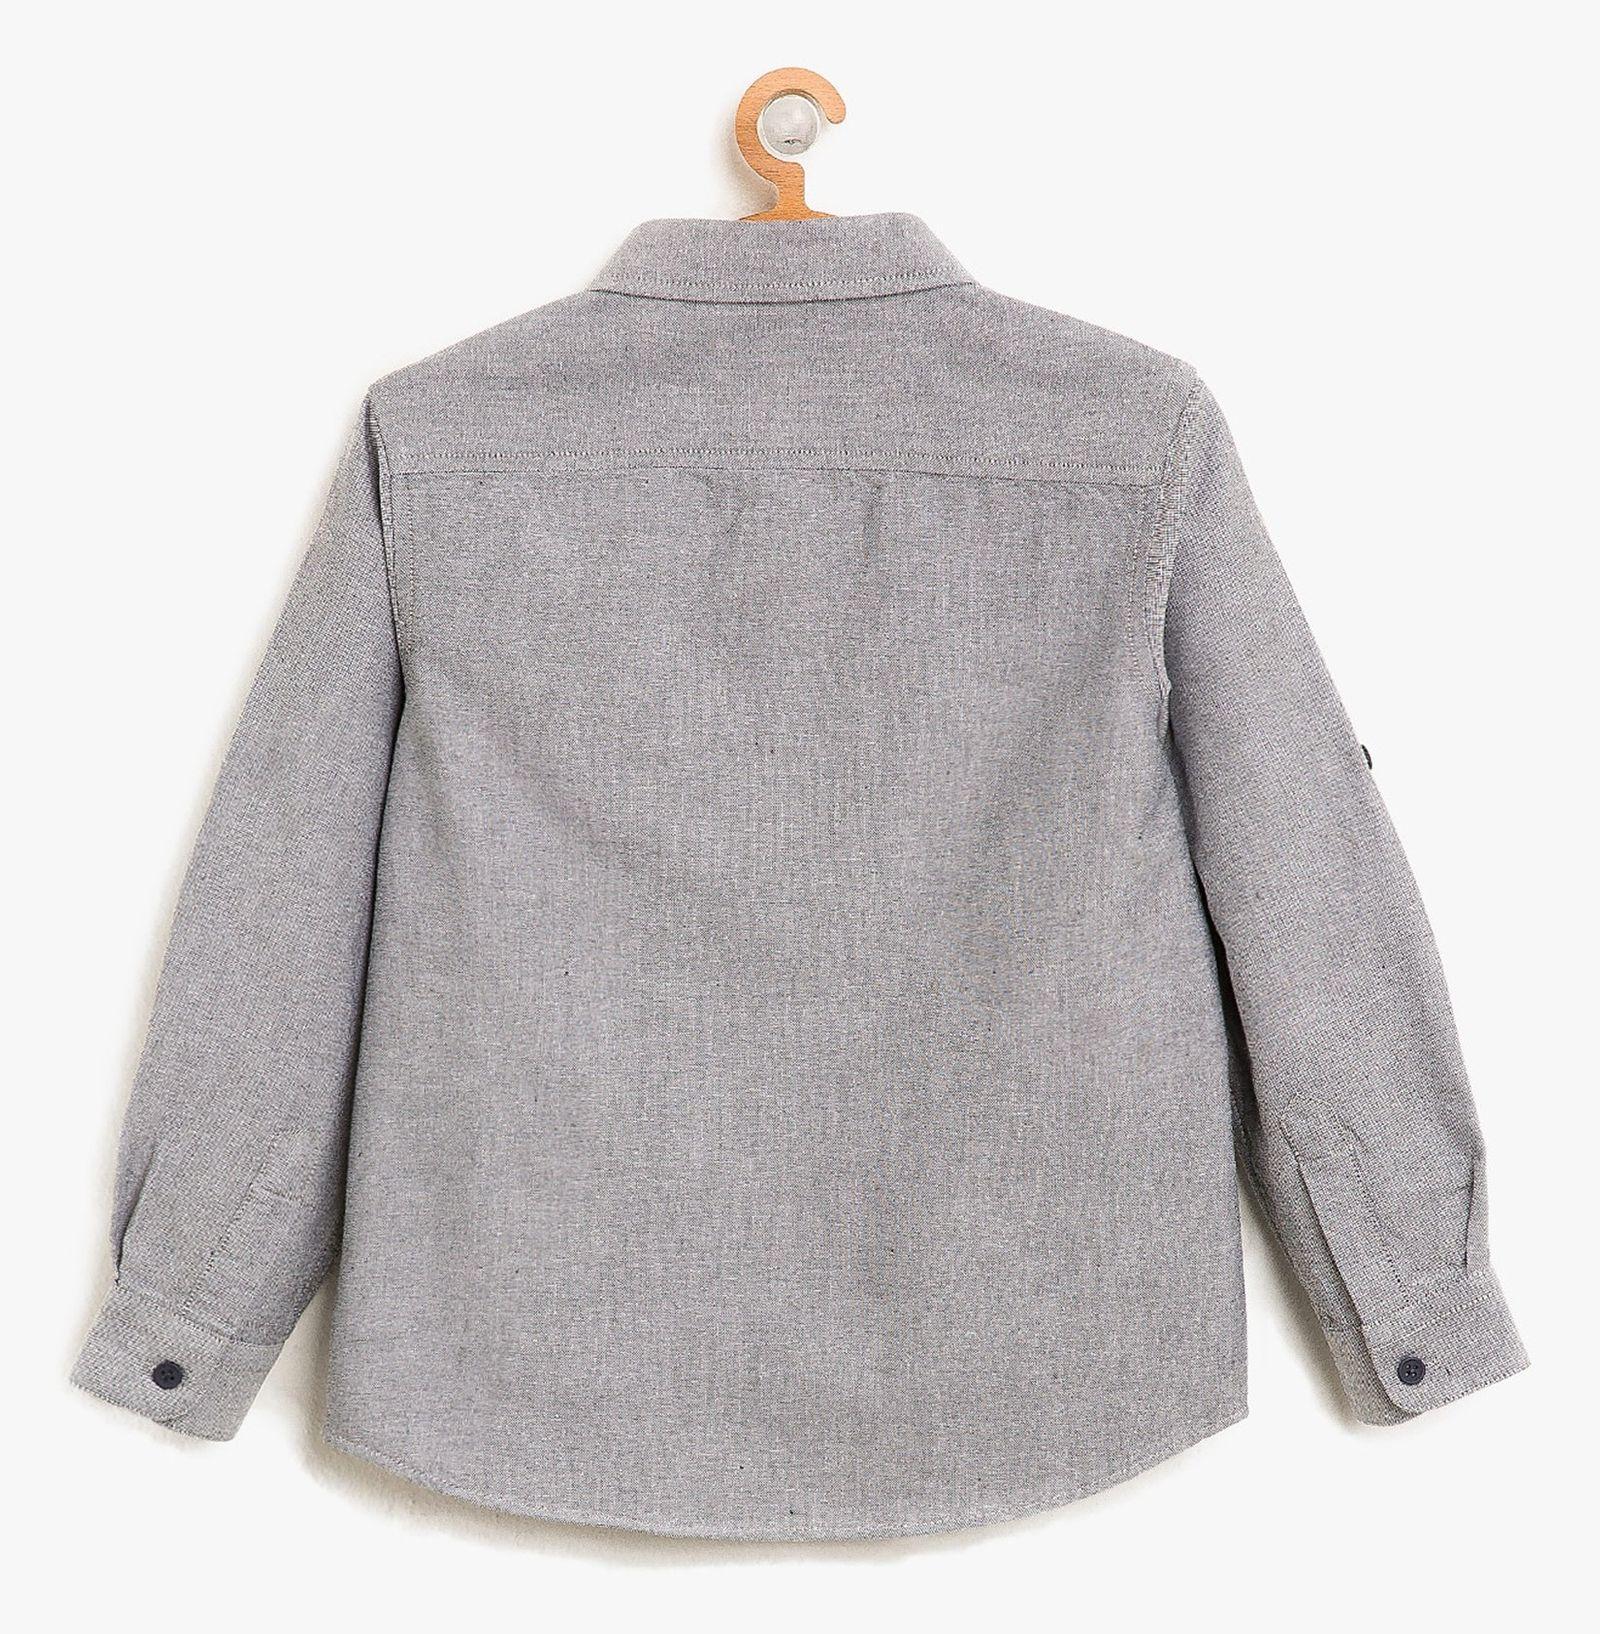 پیراهن نخی آستین بلند پسرانه - کوتون - طوسي - 2